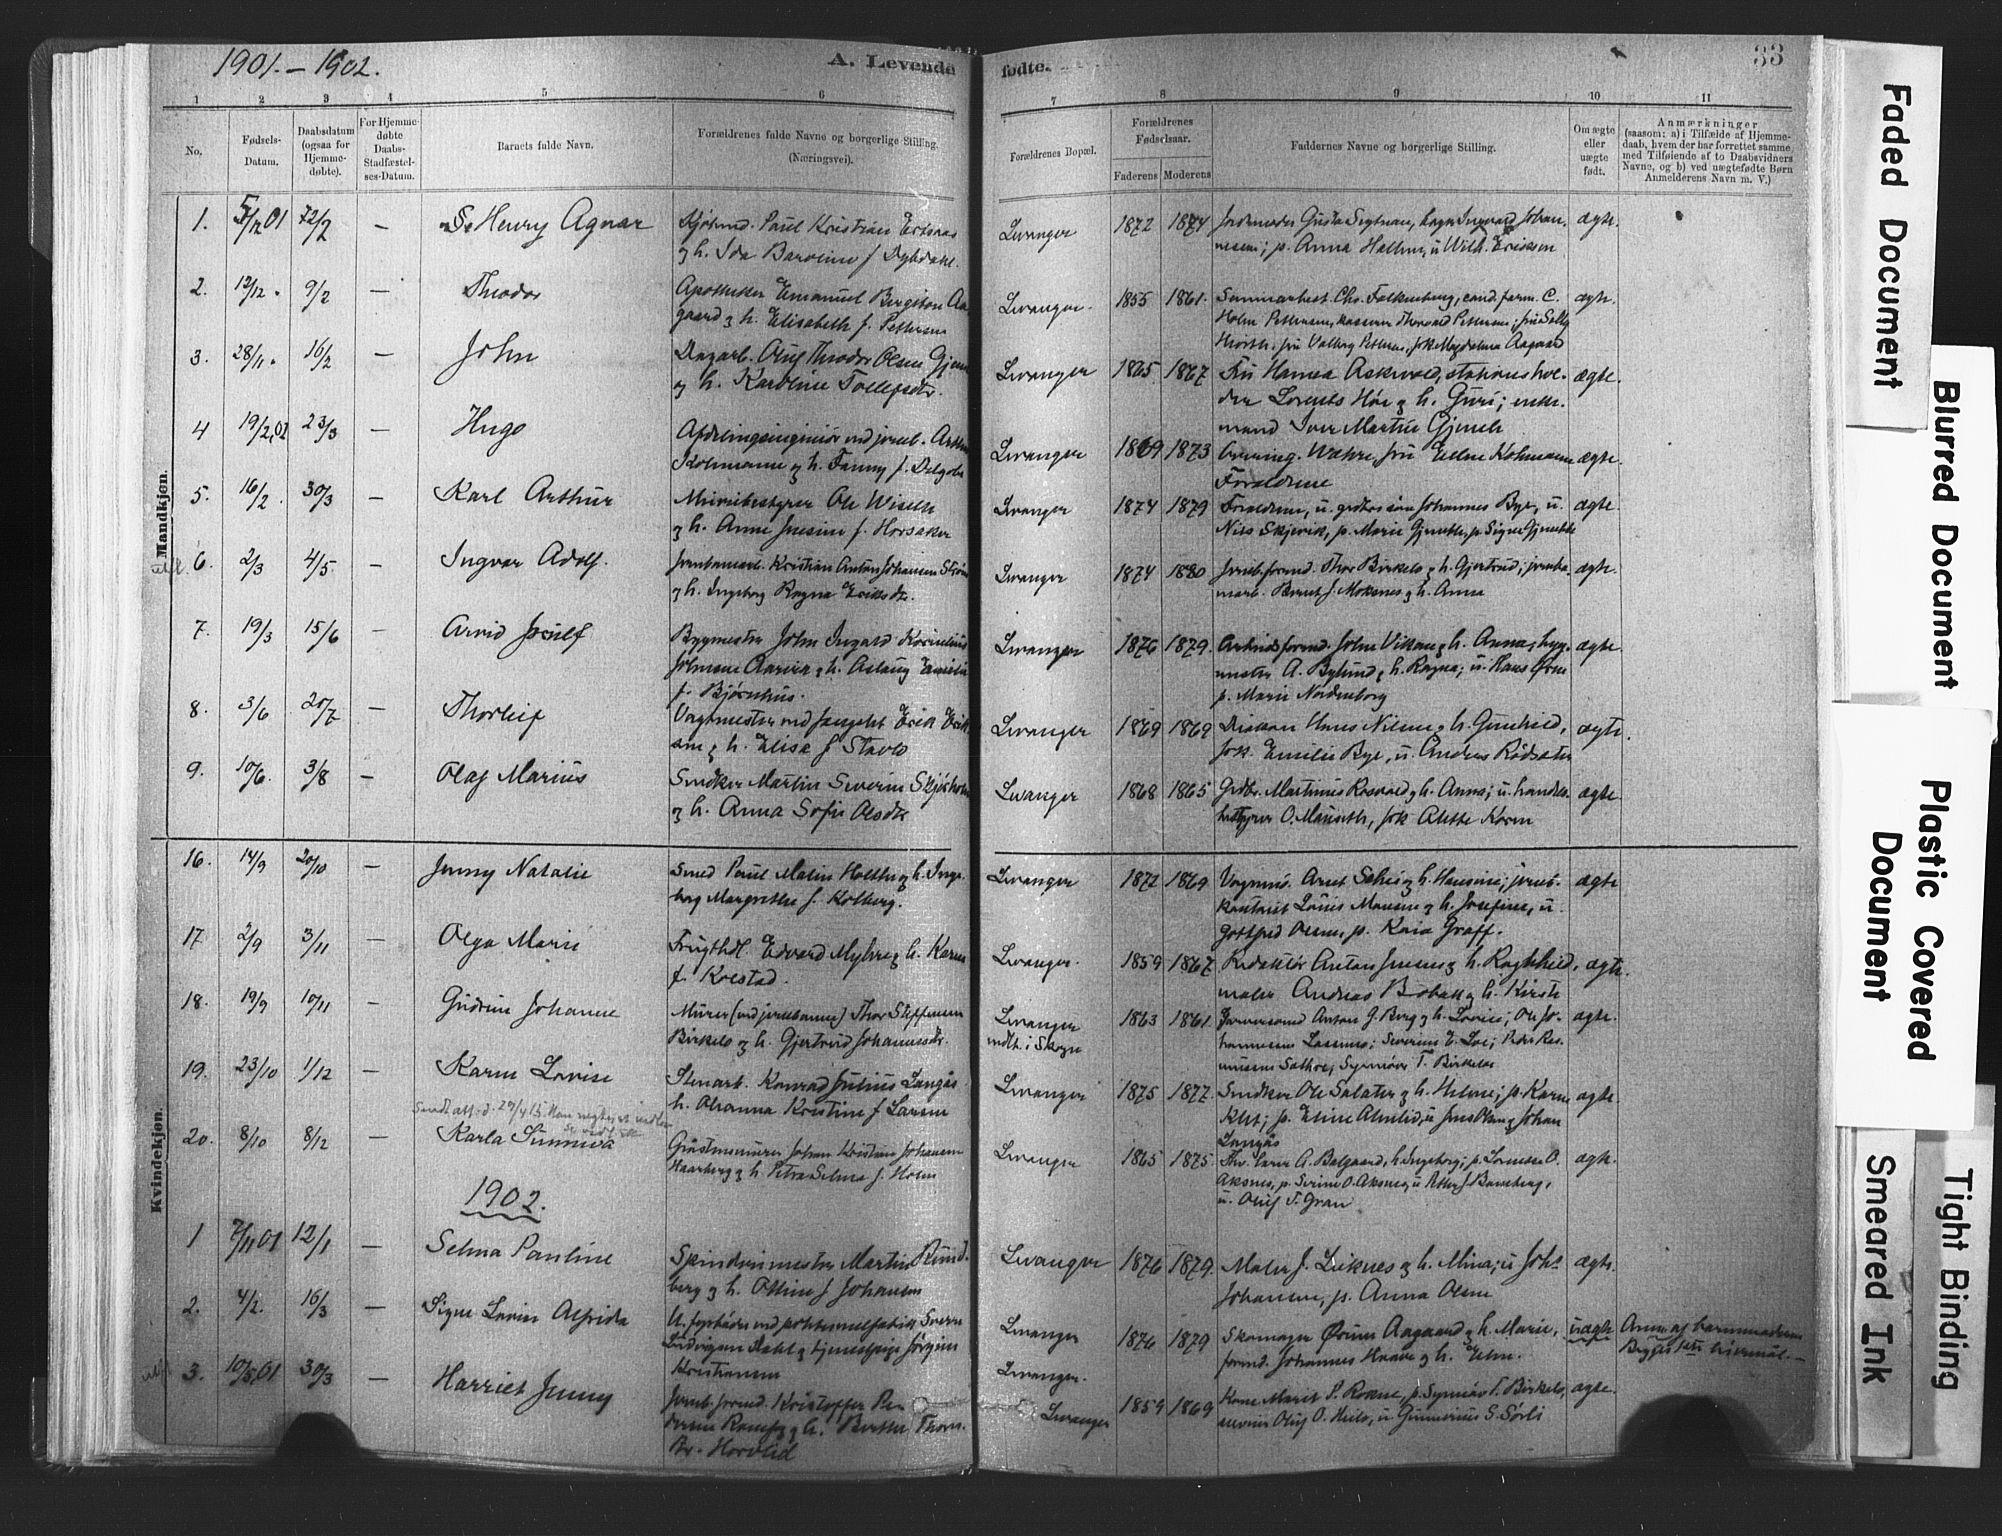 SAT, Ministerialprotokoller, klokkerbøker og fødselsregistre - Nord-Trøndelag, 720/L0189: Ministerialbok nr. 720A05, 1880-1911, s. 33